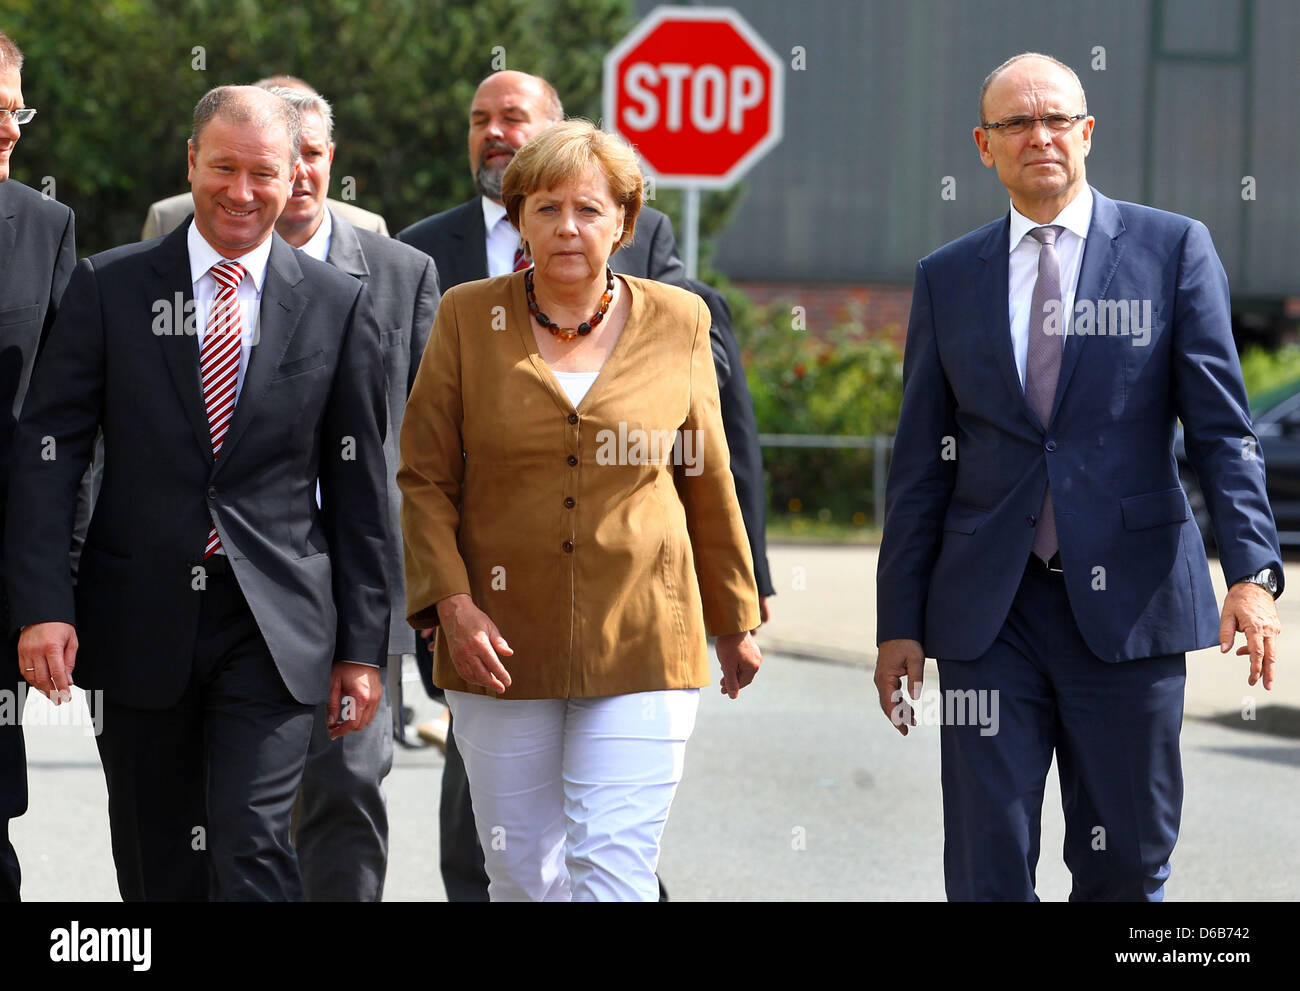 Bundeskanzlerin Angela Merkel, Premier of Mecklenburg-Western Pomerania Erwin Sellering (R) und Manager von P + Stockfoto